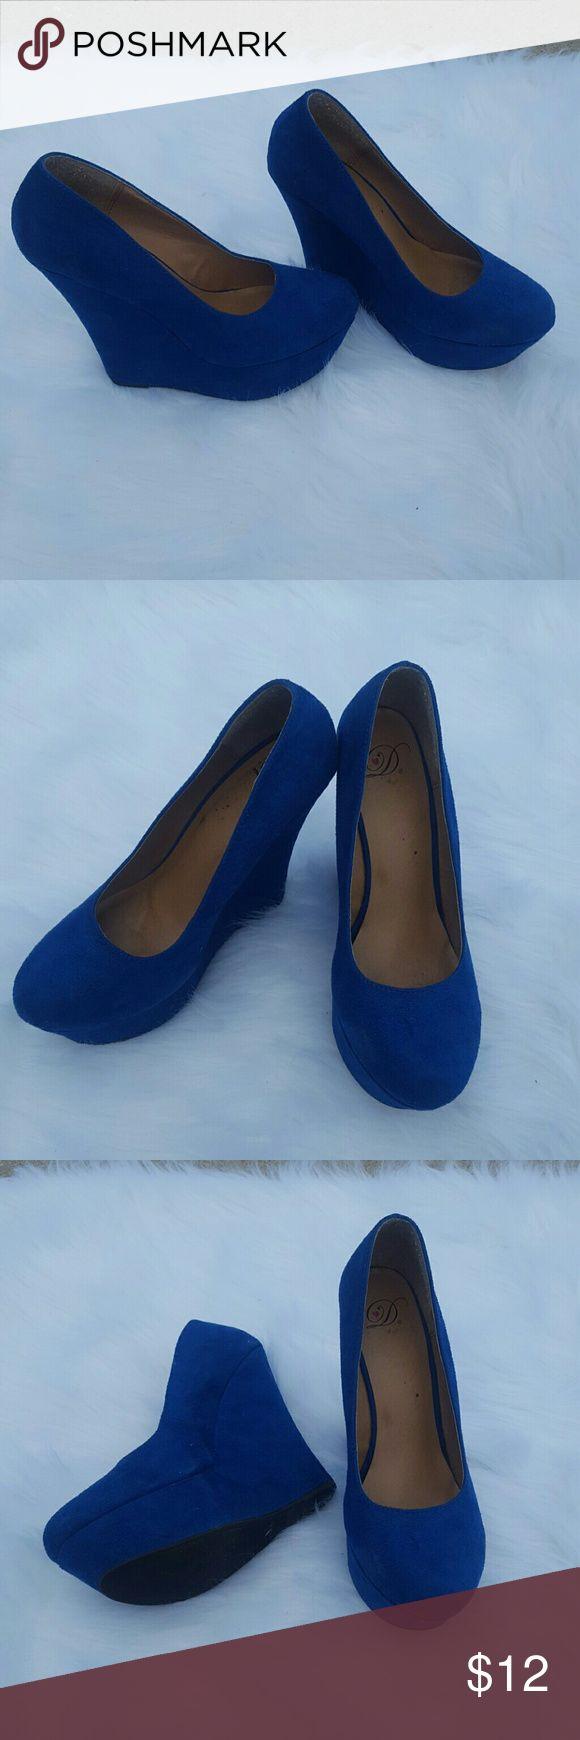 Royal blue suede platform wedges Royal blue suede platform wedges Shoes Platforms